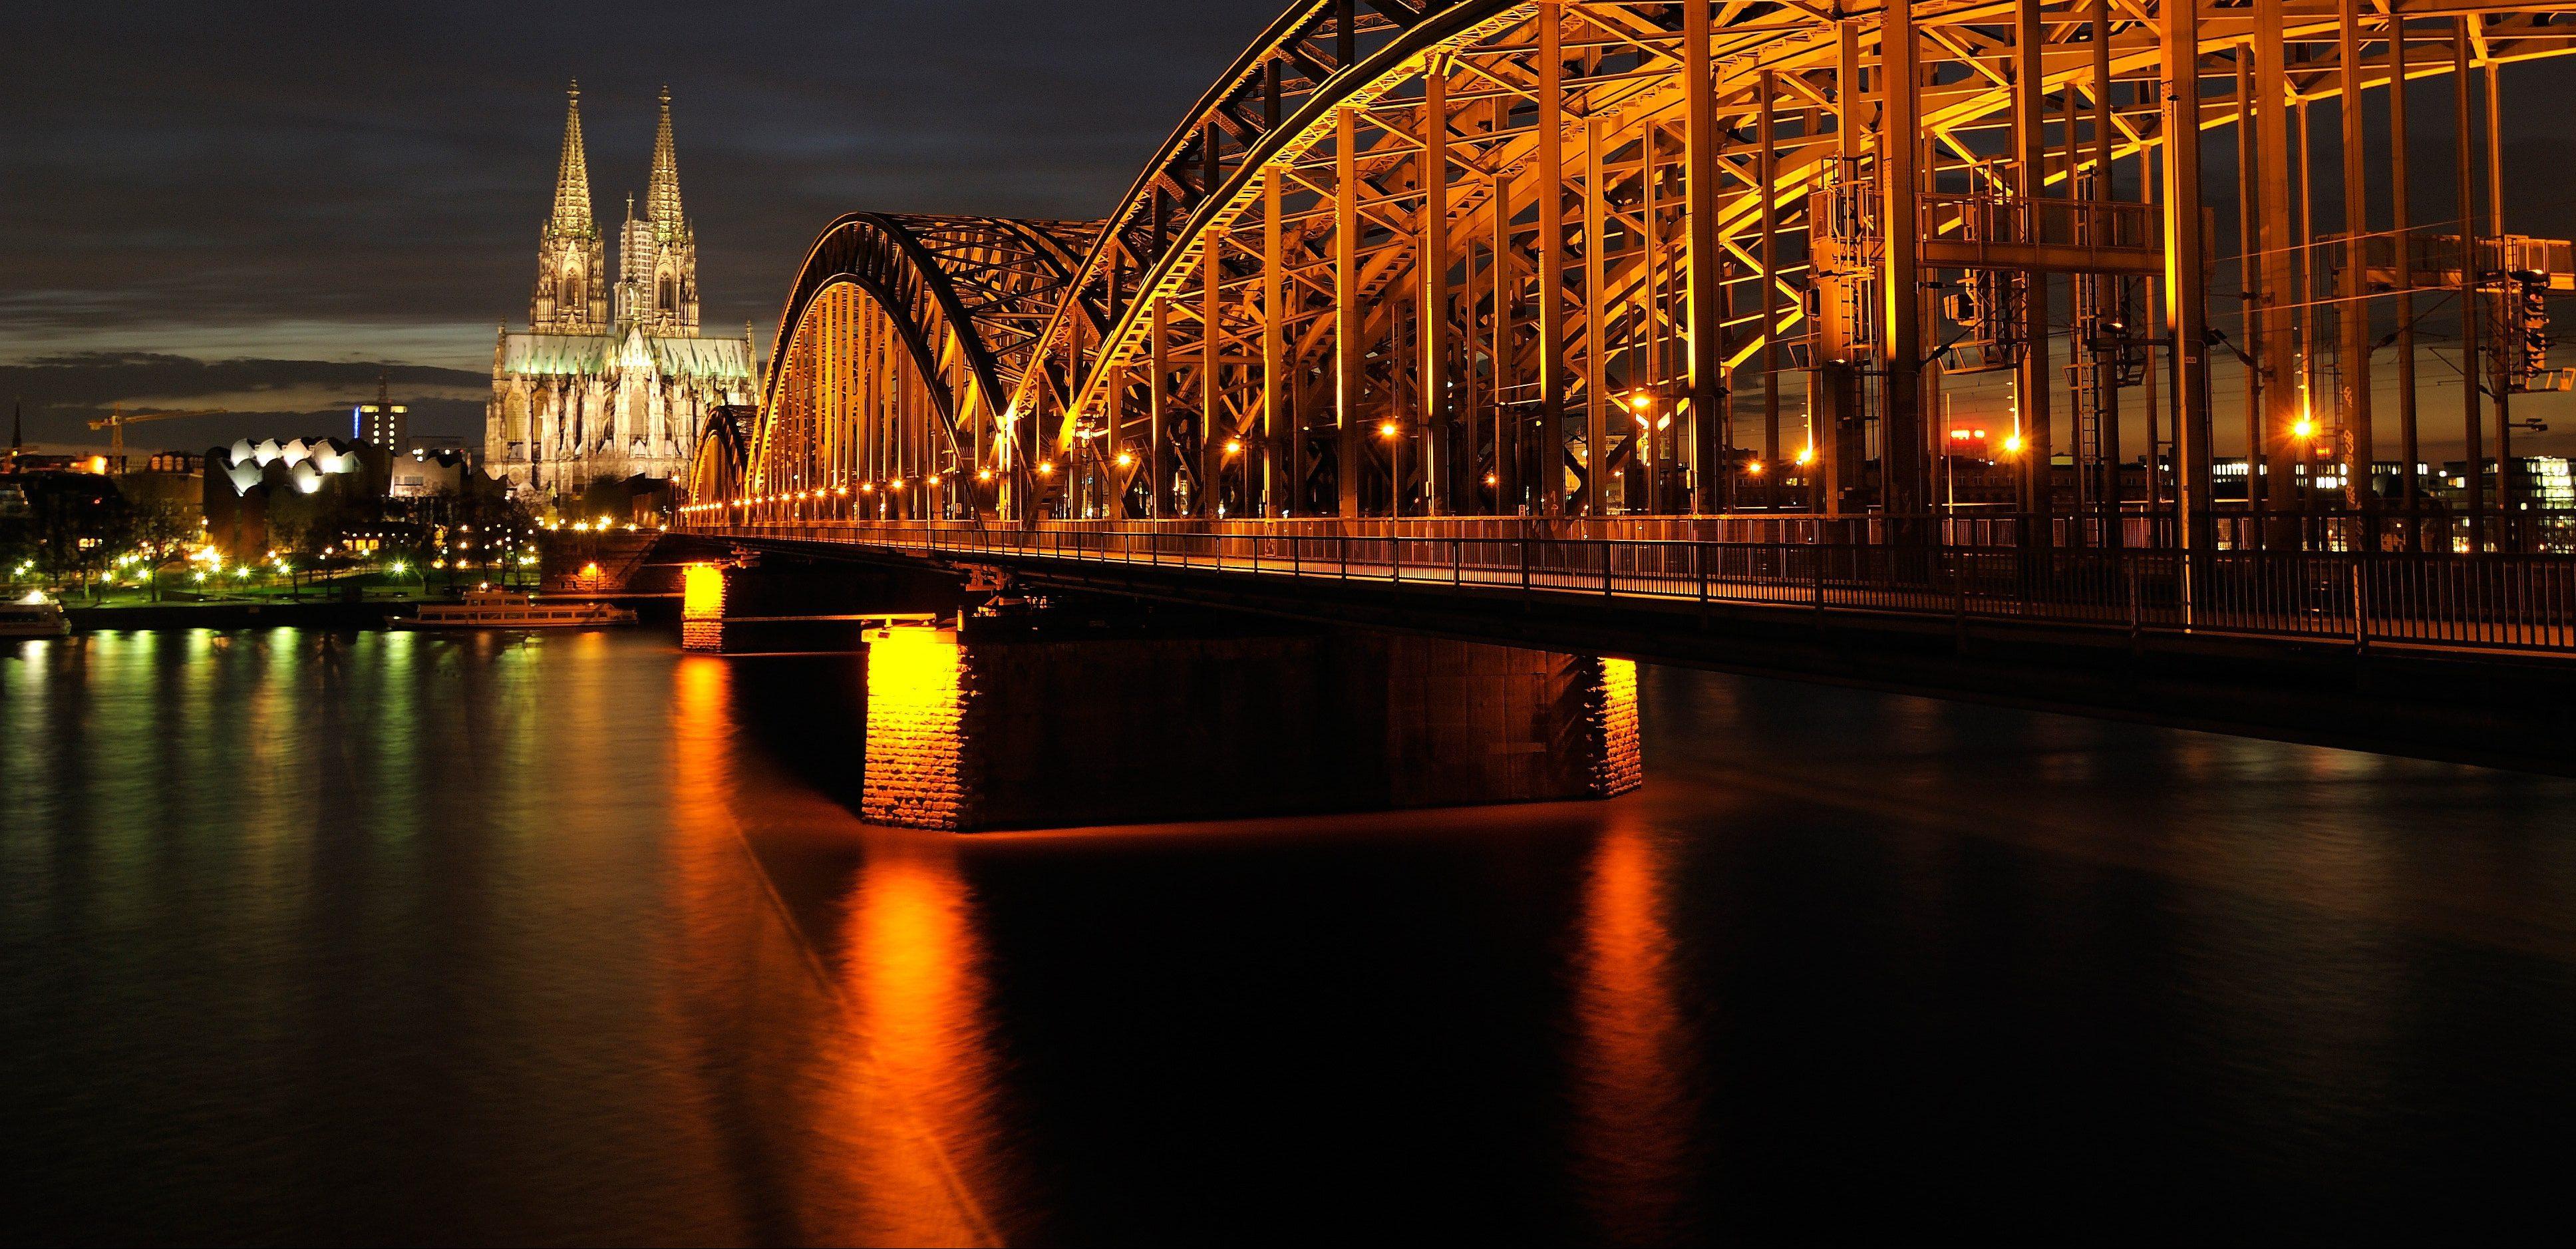 architecture-bridge-city-161849-e1622185472923